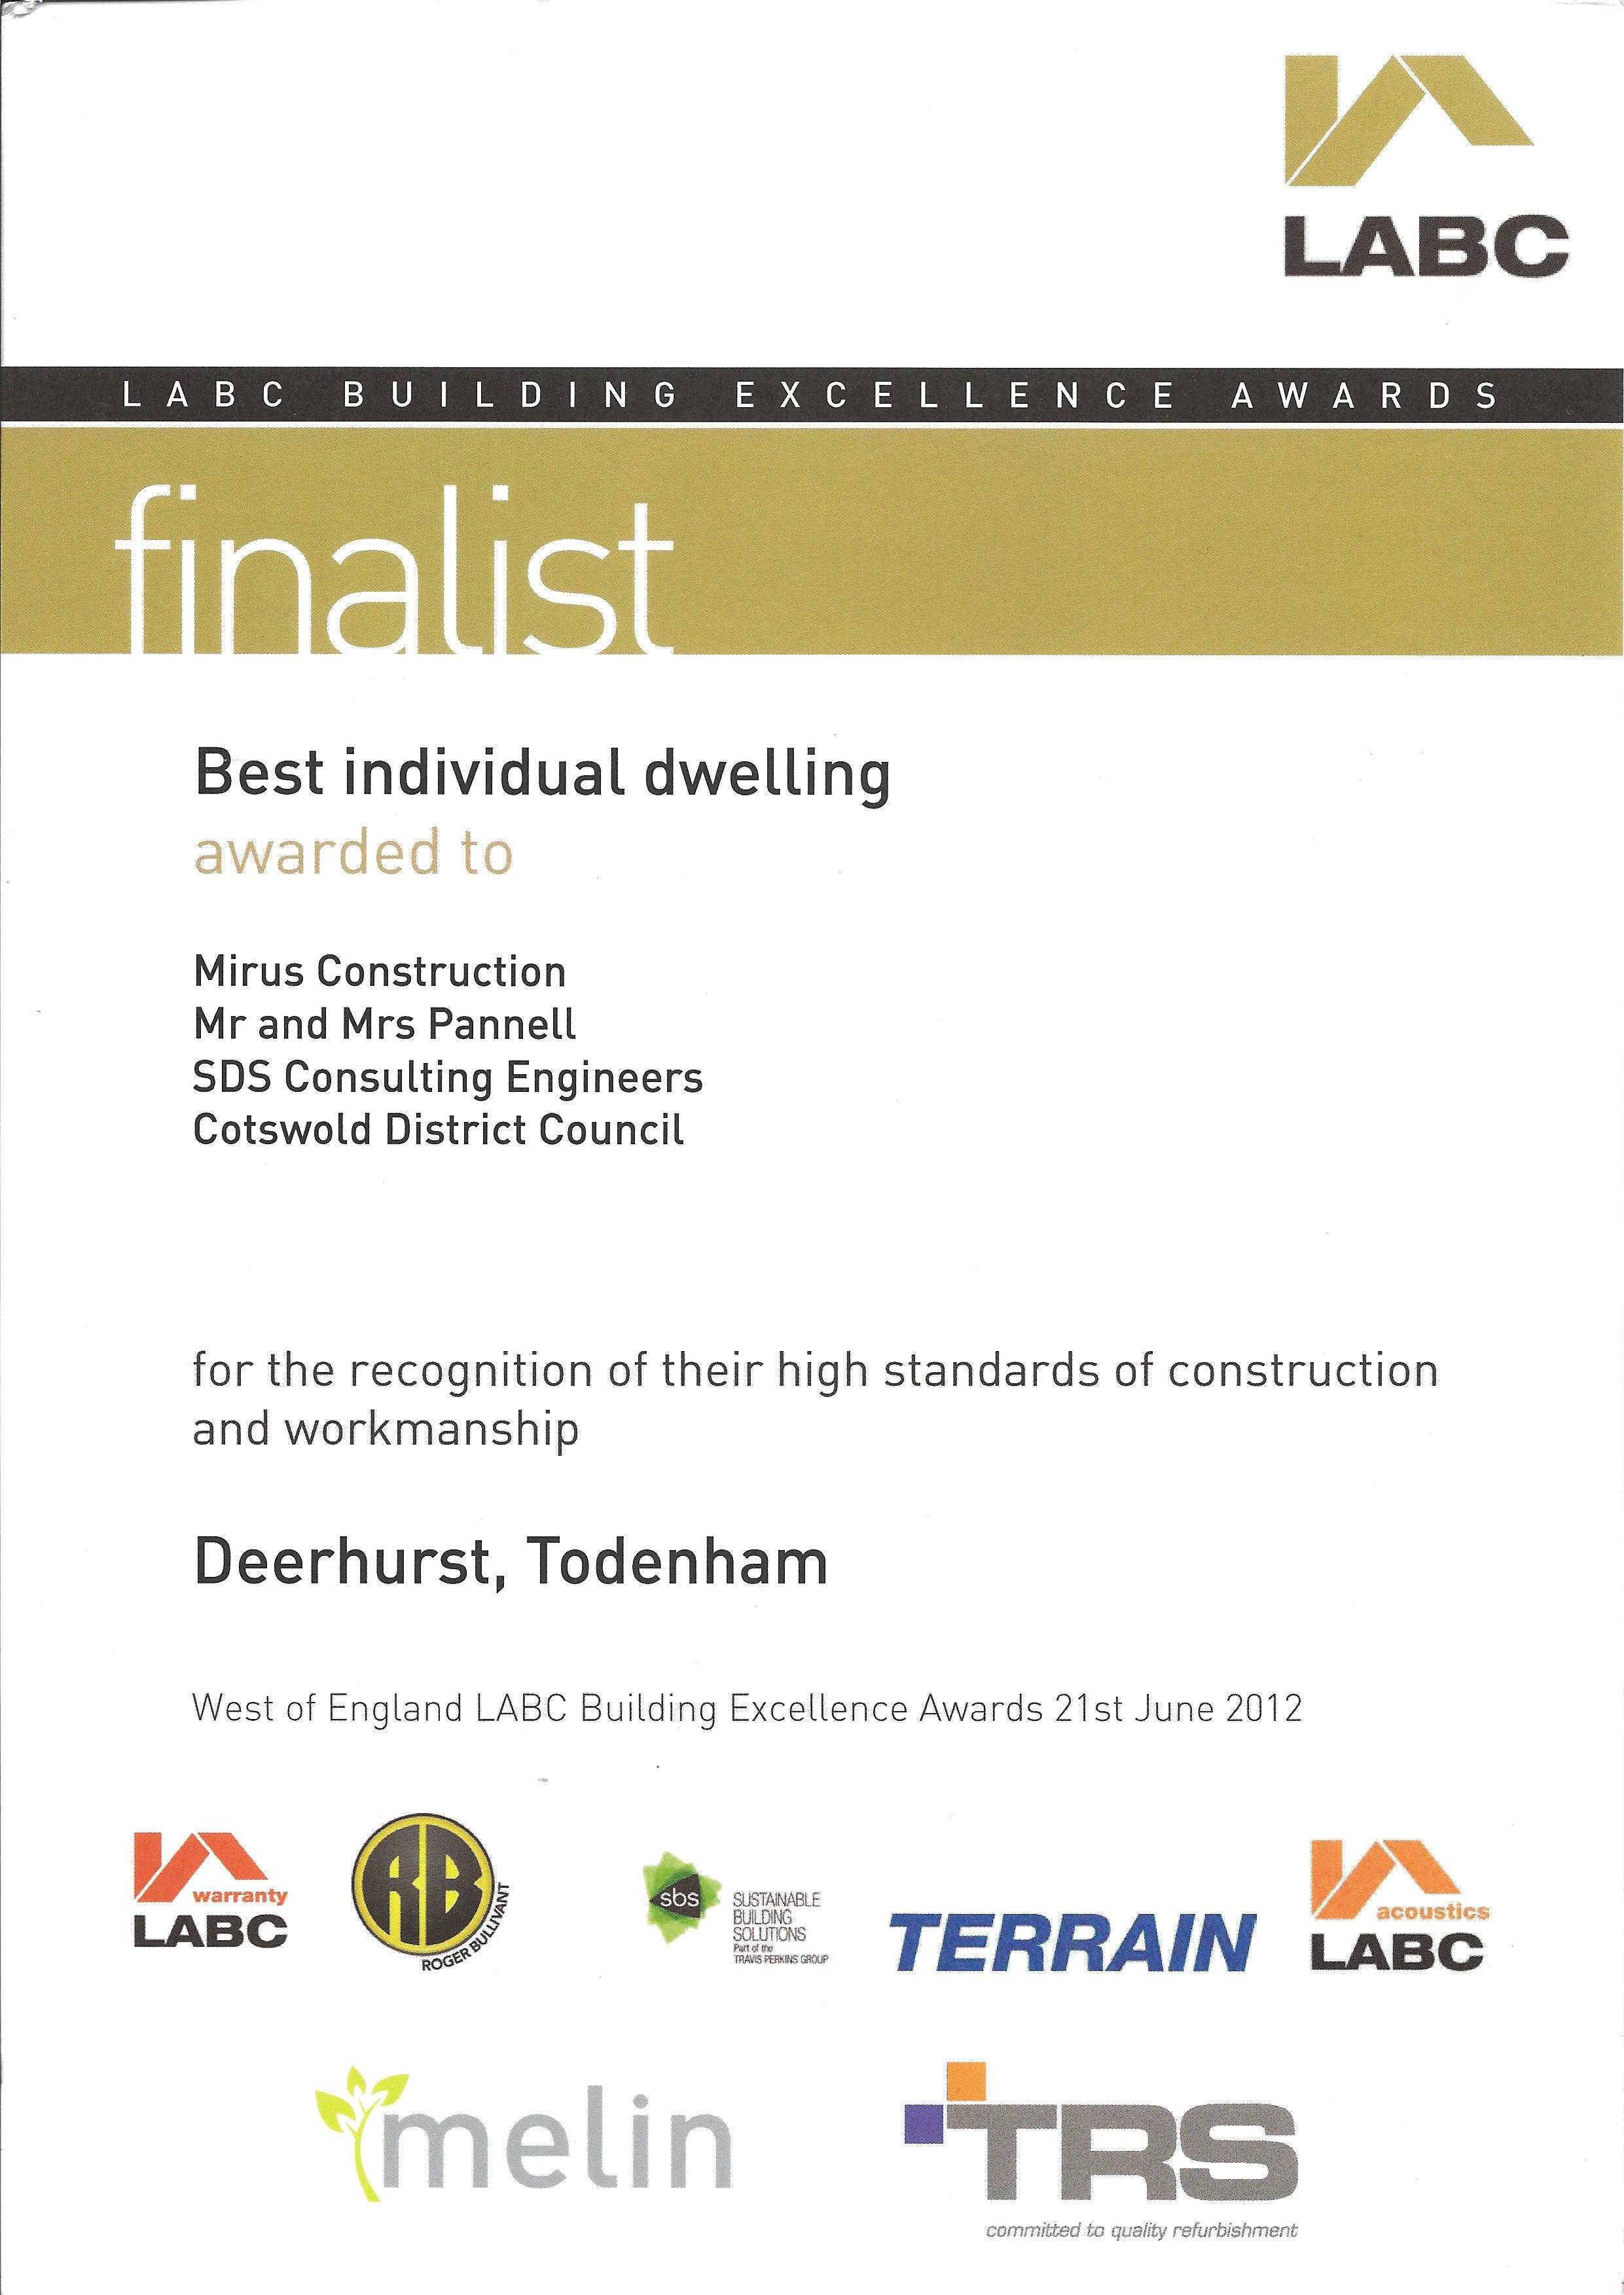 Deerhurst - LABC Finalist Certificate